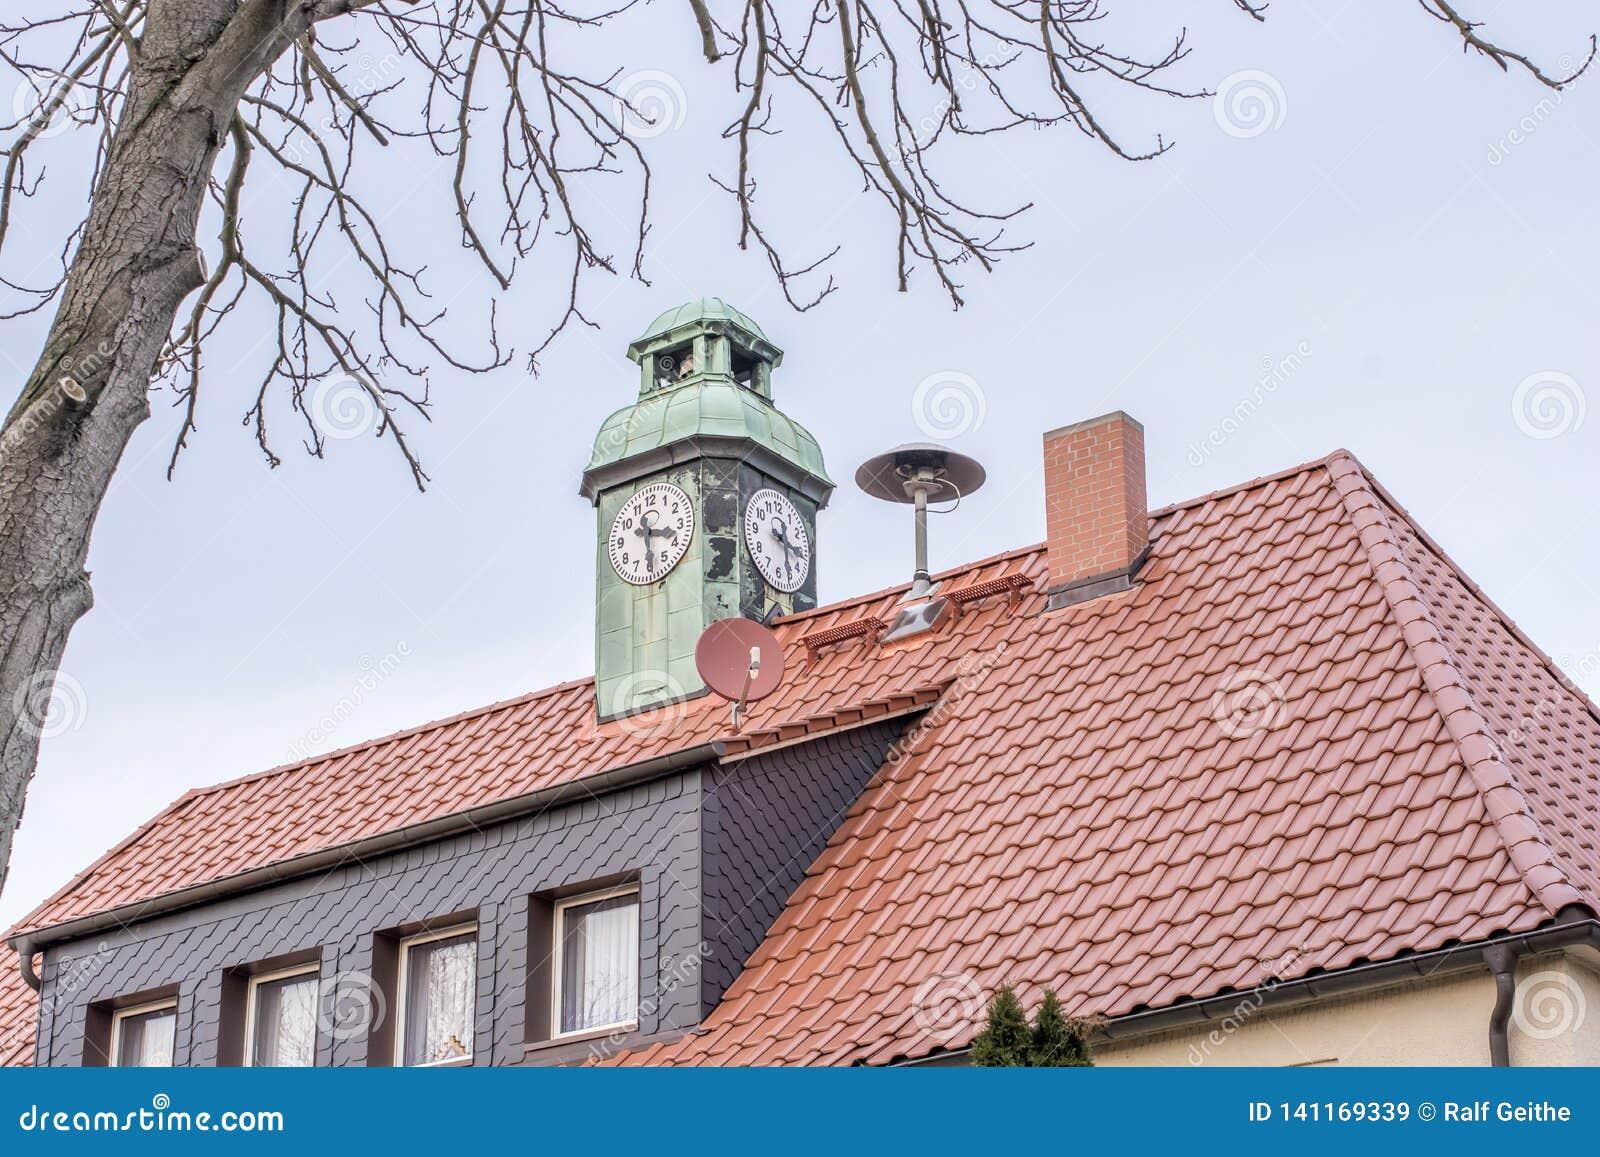 Casa con la torre de reloj y la sirena del cuerpo de bomberos local en el tejado